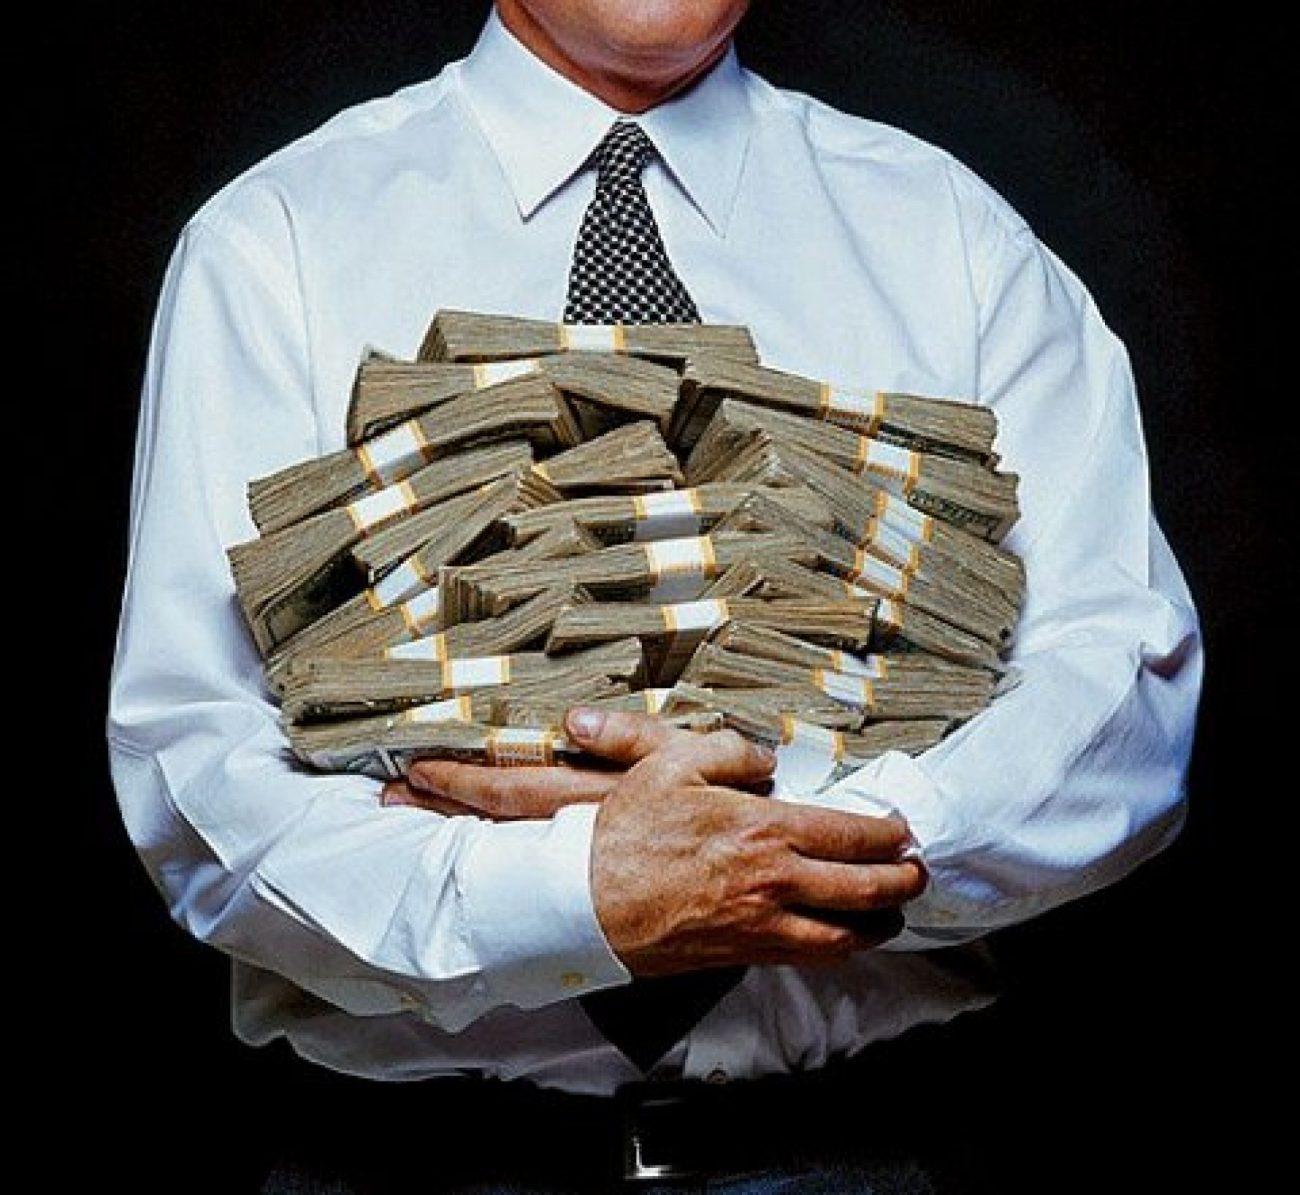 Kak uluchshit finansovoe sostoyanie - У югорчан не доходы, а доходища: зарплаты более 70 тысяч, пенсии более 20